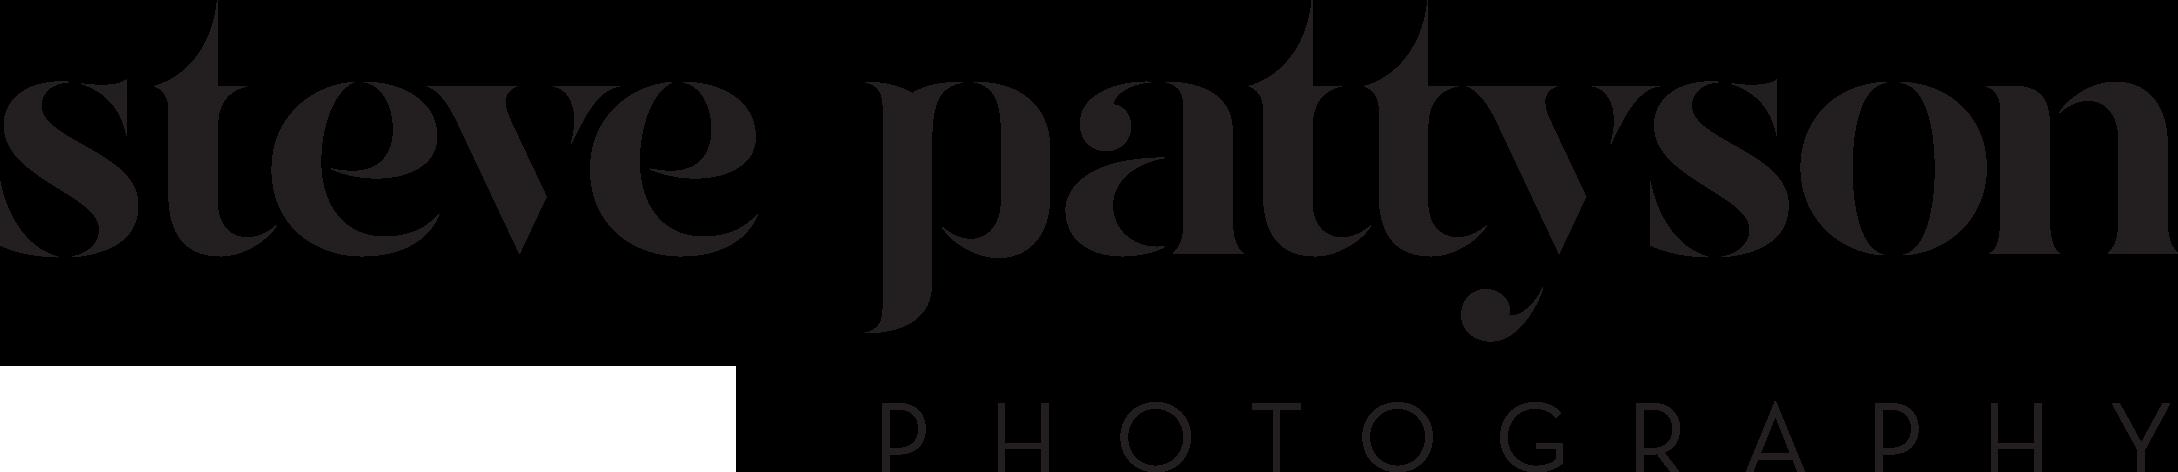 Steve Pattyson Photography